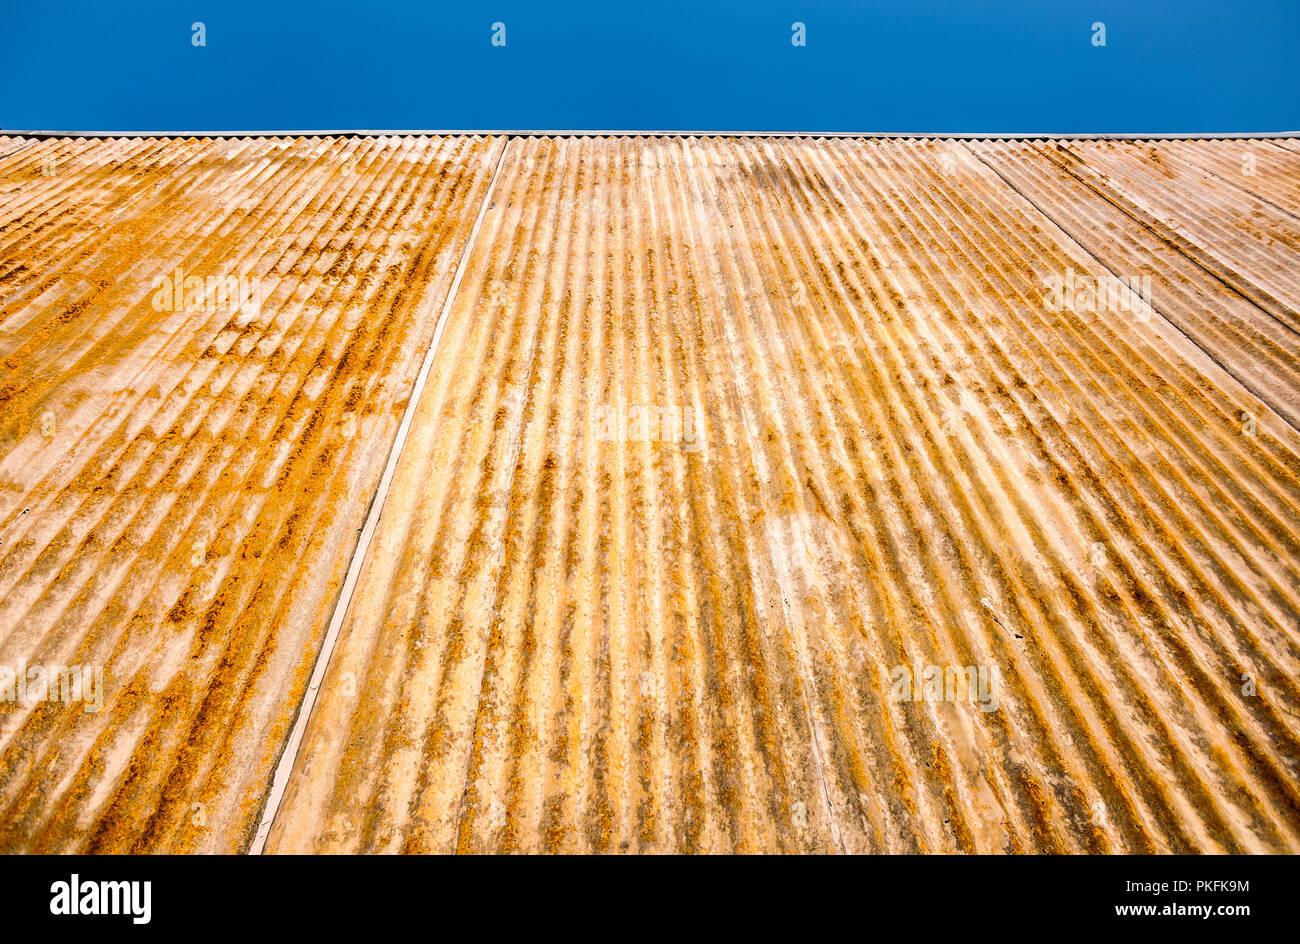 Rusted corrugated iron sheeting - Stock Image